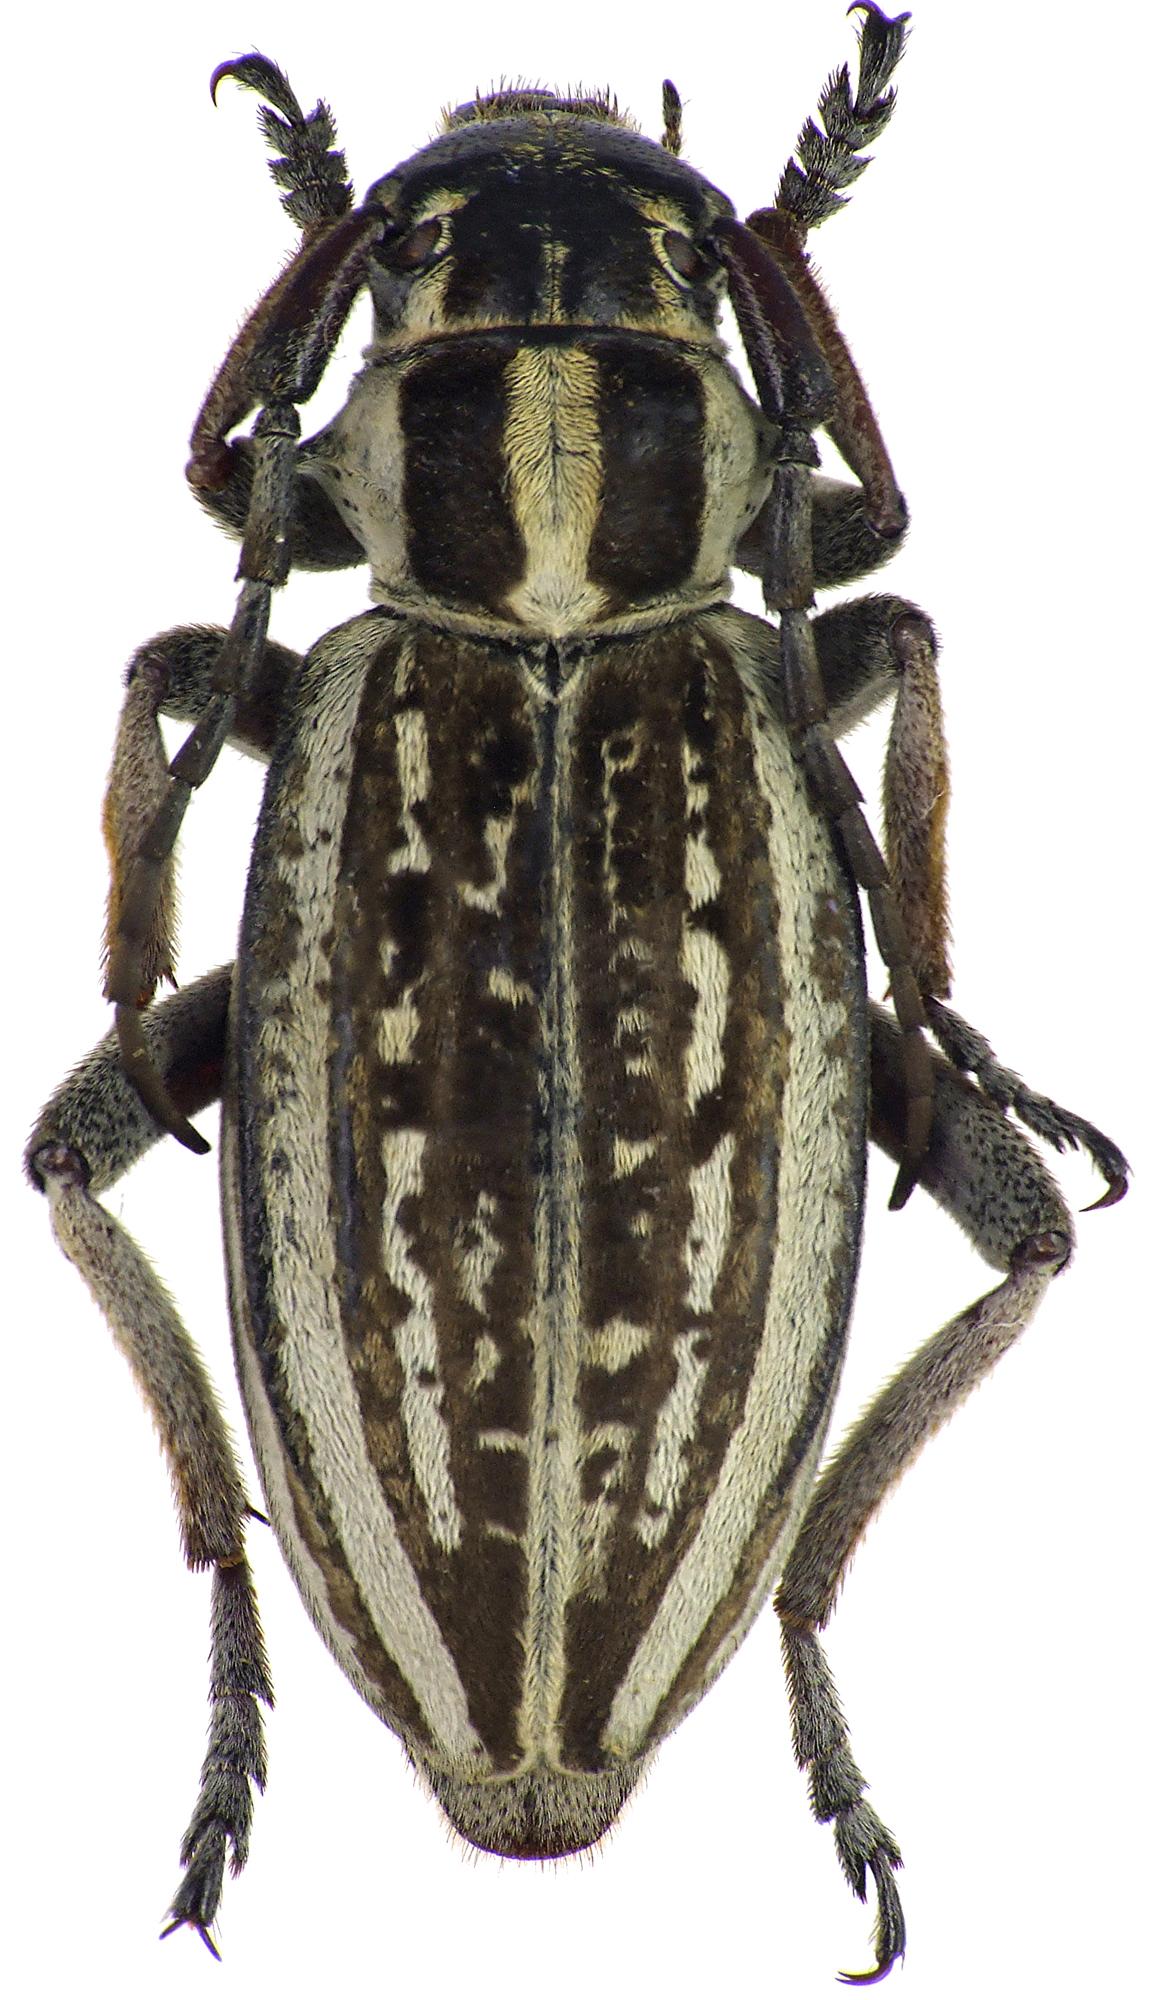 Dorcadion (Acutodorcadion) pantherinum shamaevi 68316cz24.jpg